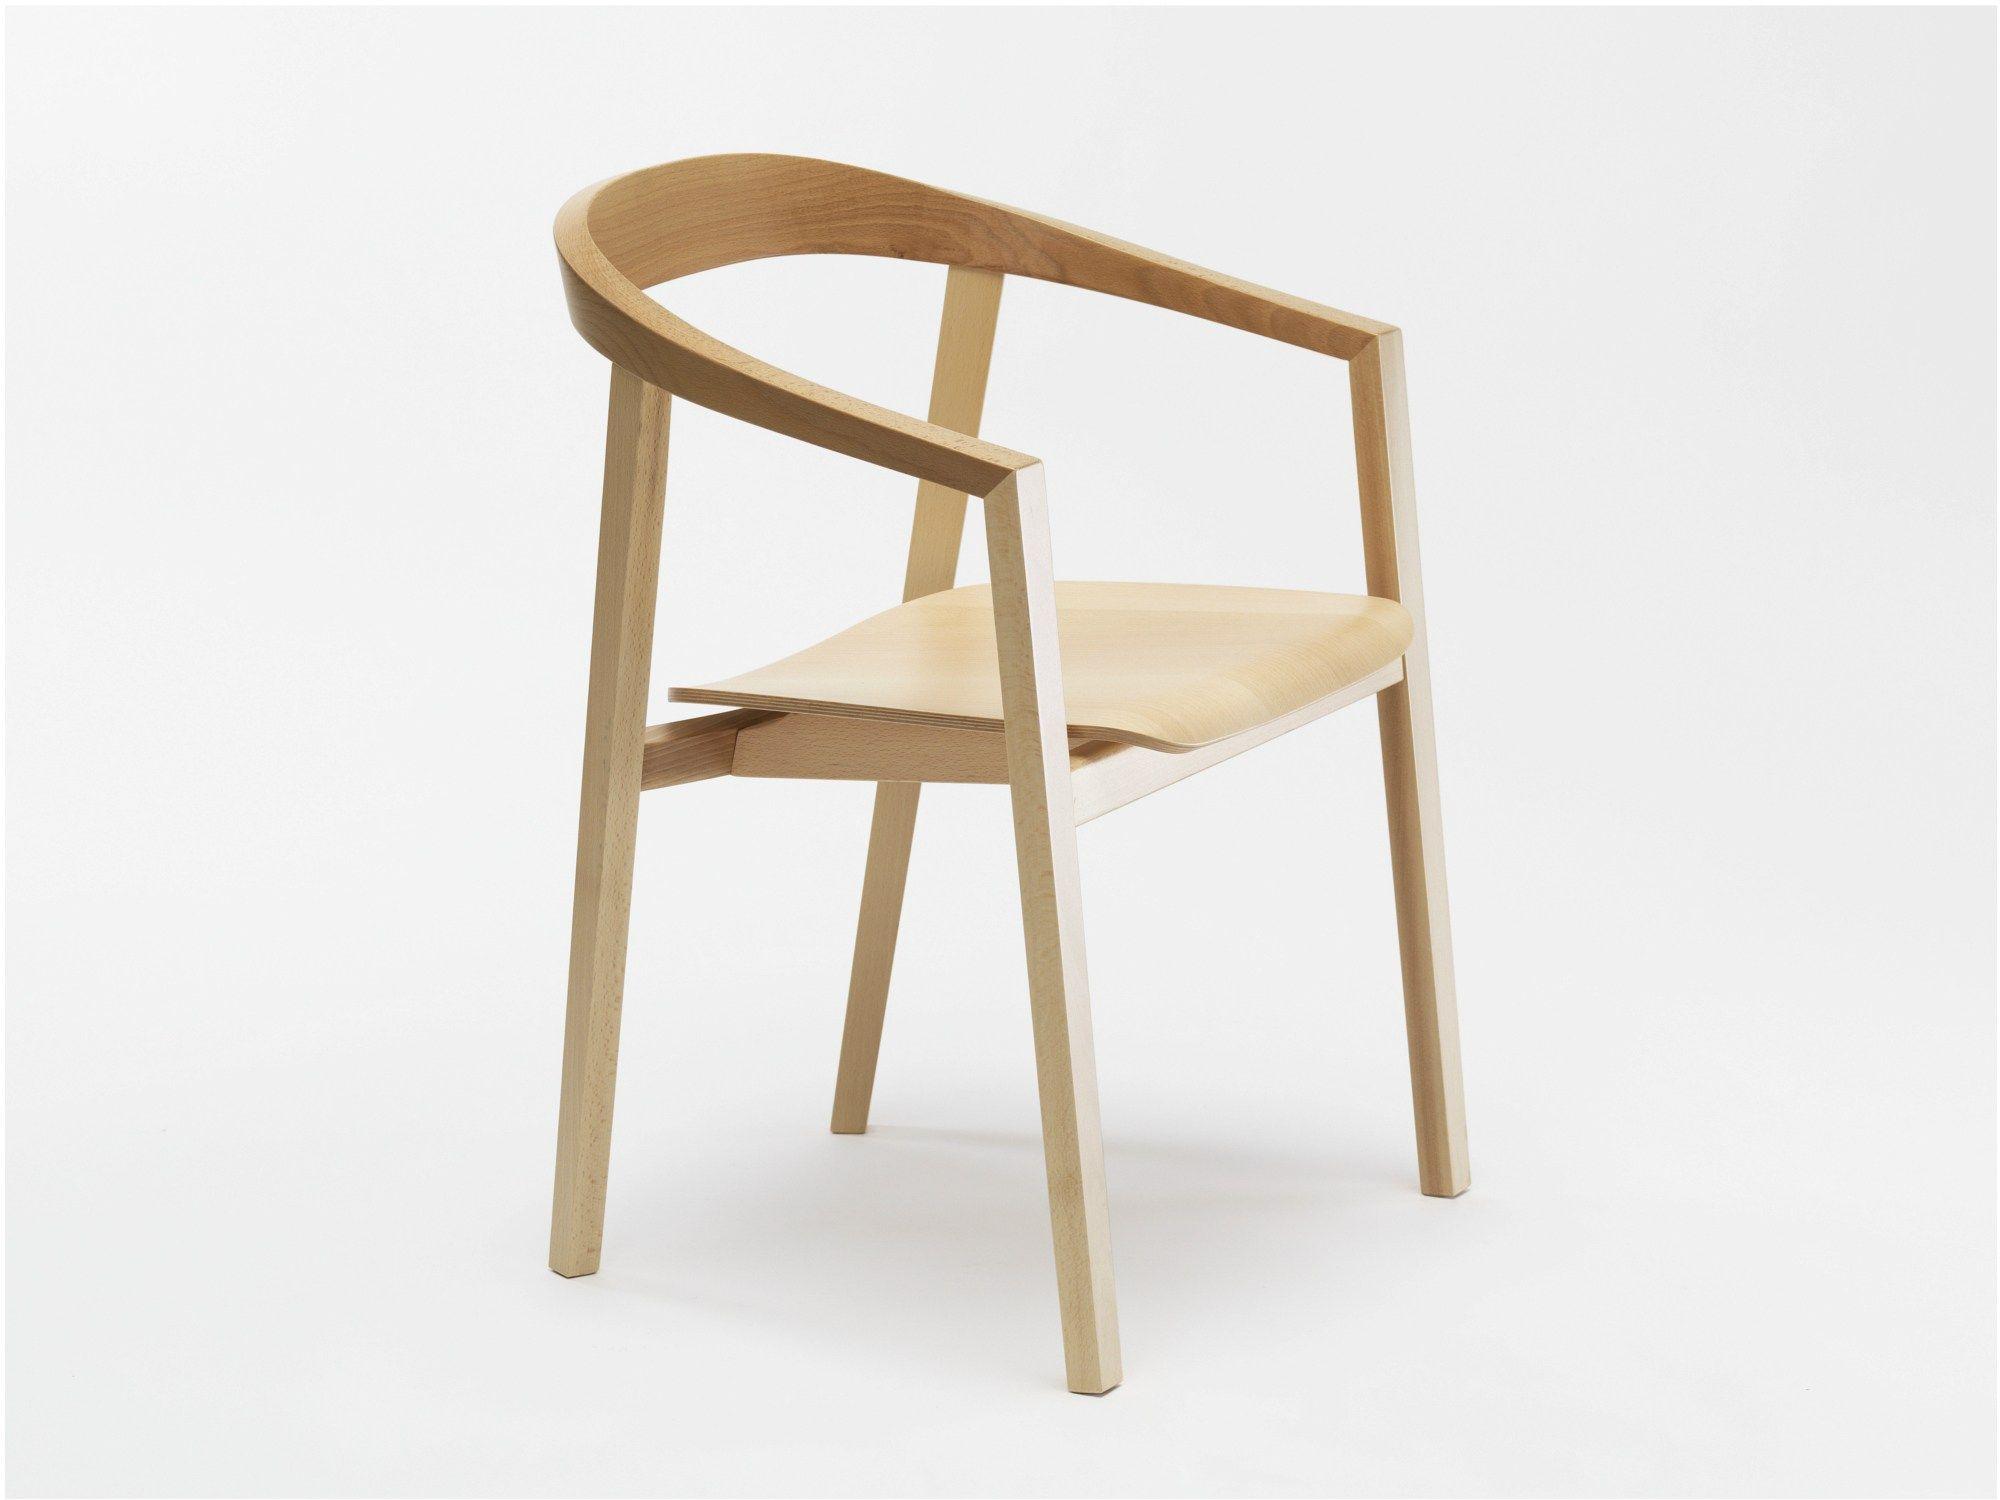 ro gepolsterter stuhl by zilio aldo c design tomoko azumi. Black Bedroom Furniture Sets. Home Design Ideas